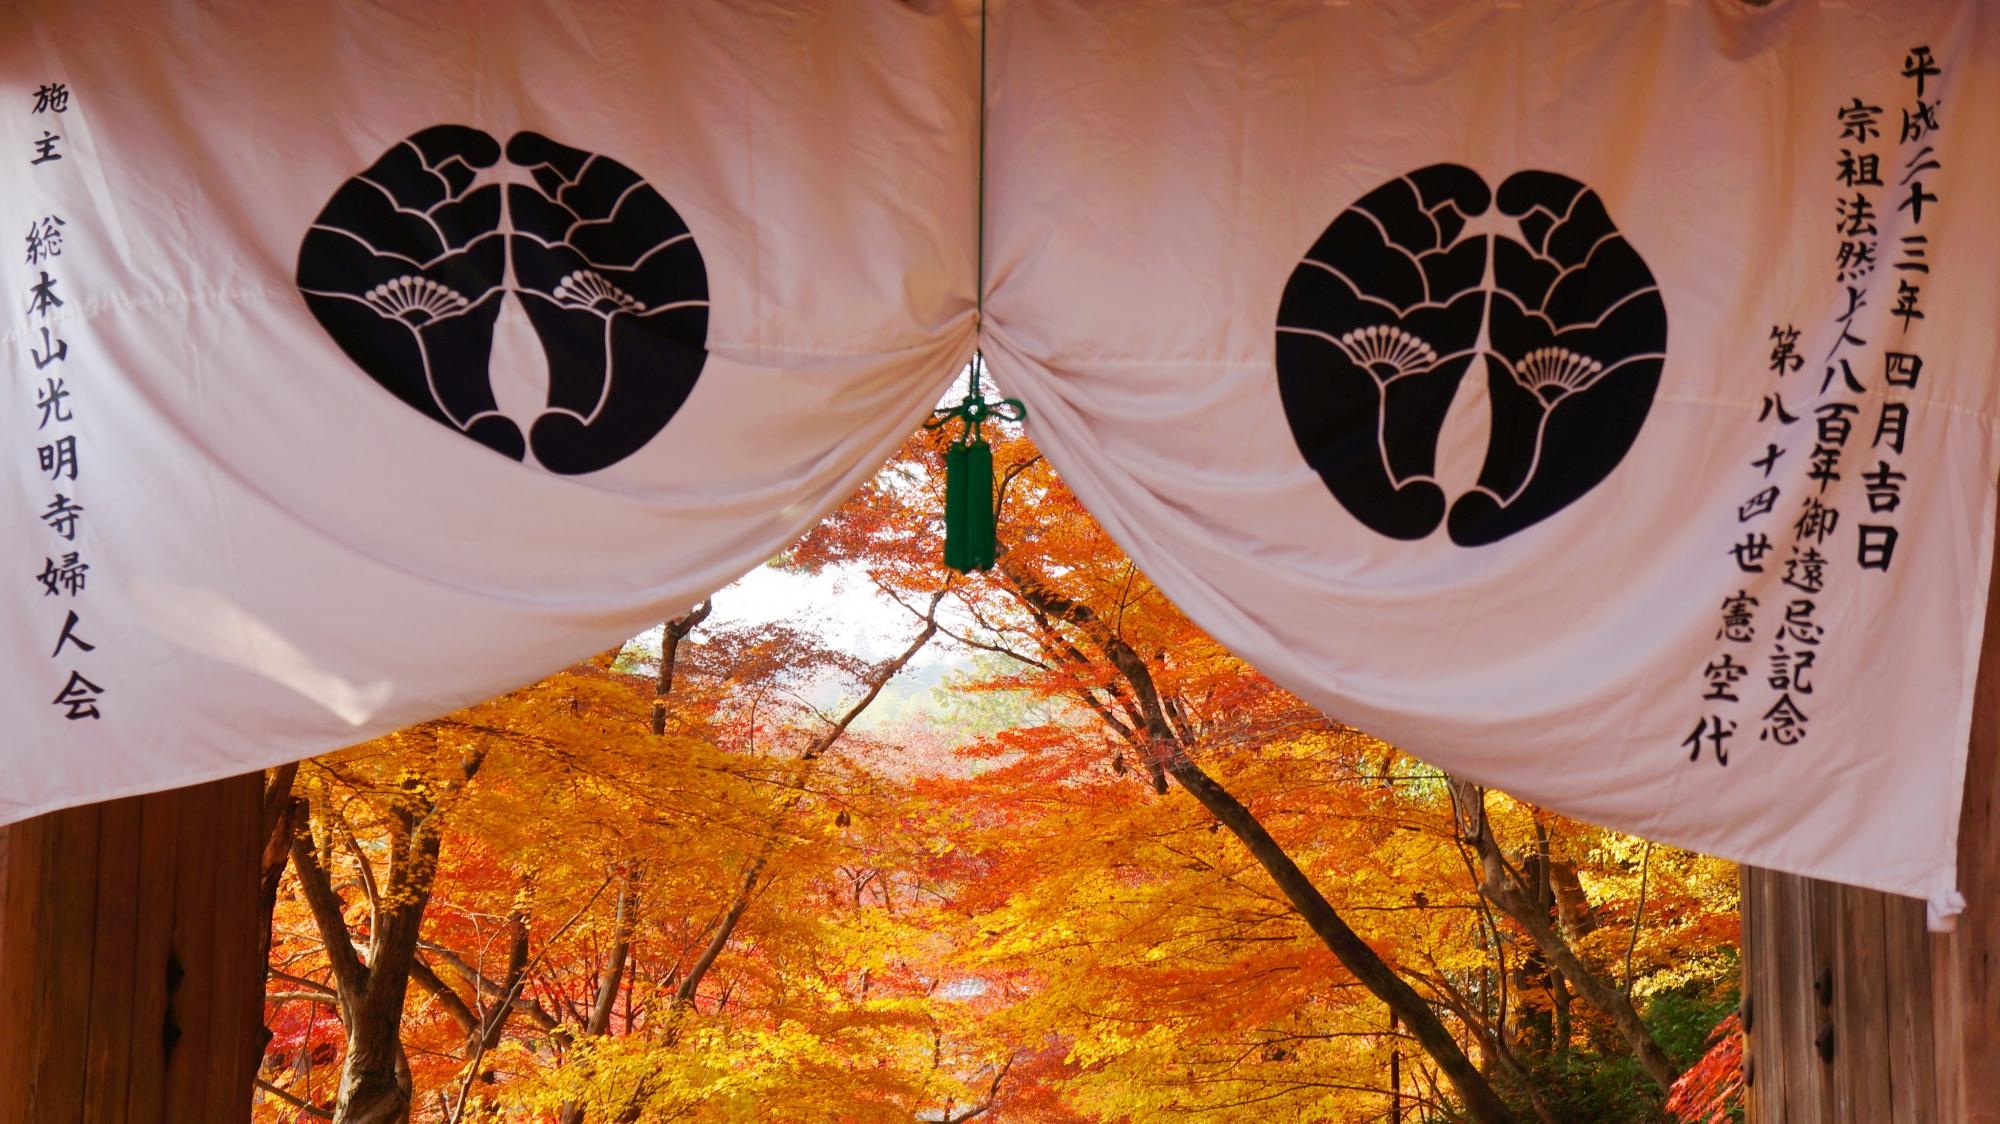 寺紋の奥に広がる華やかな紅葉の世界